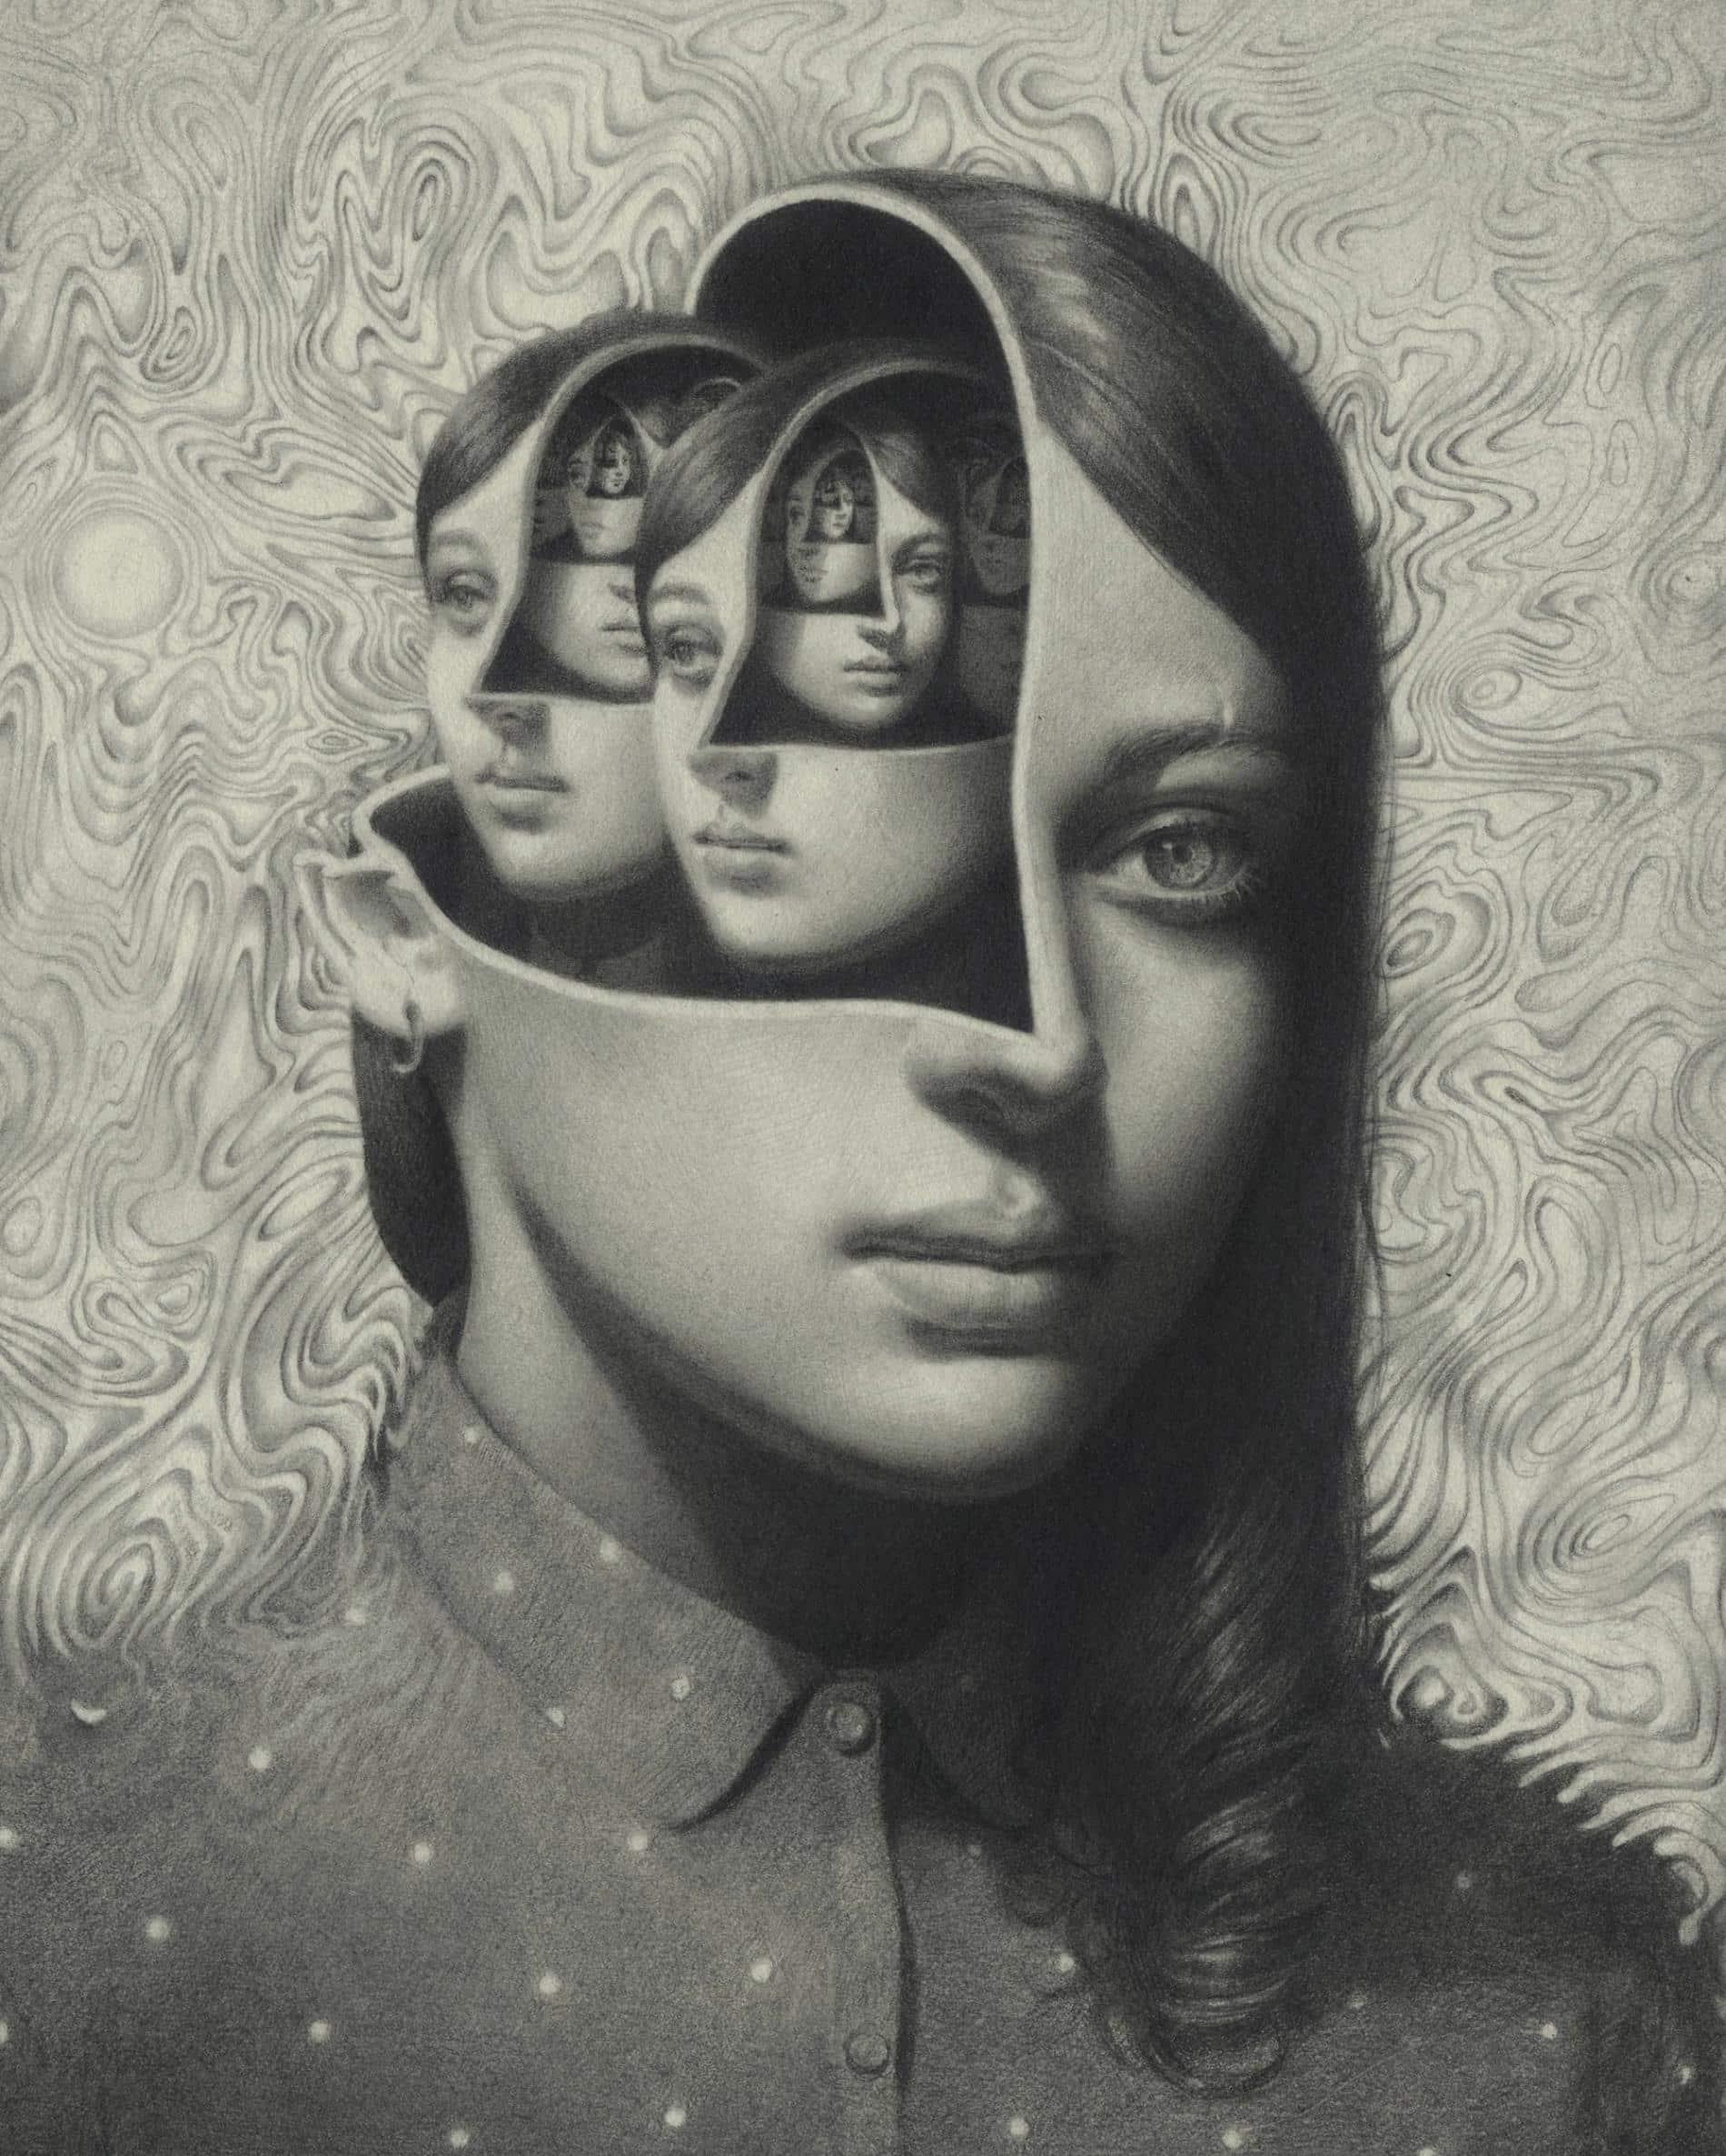 johnston retratos grafito metamorfosis